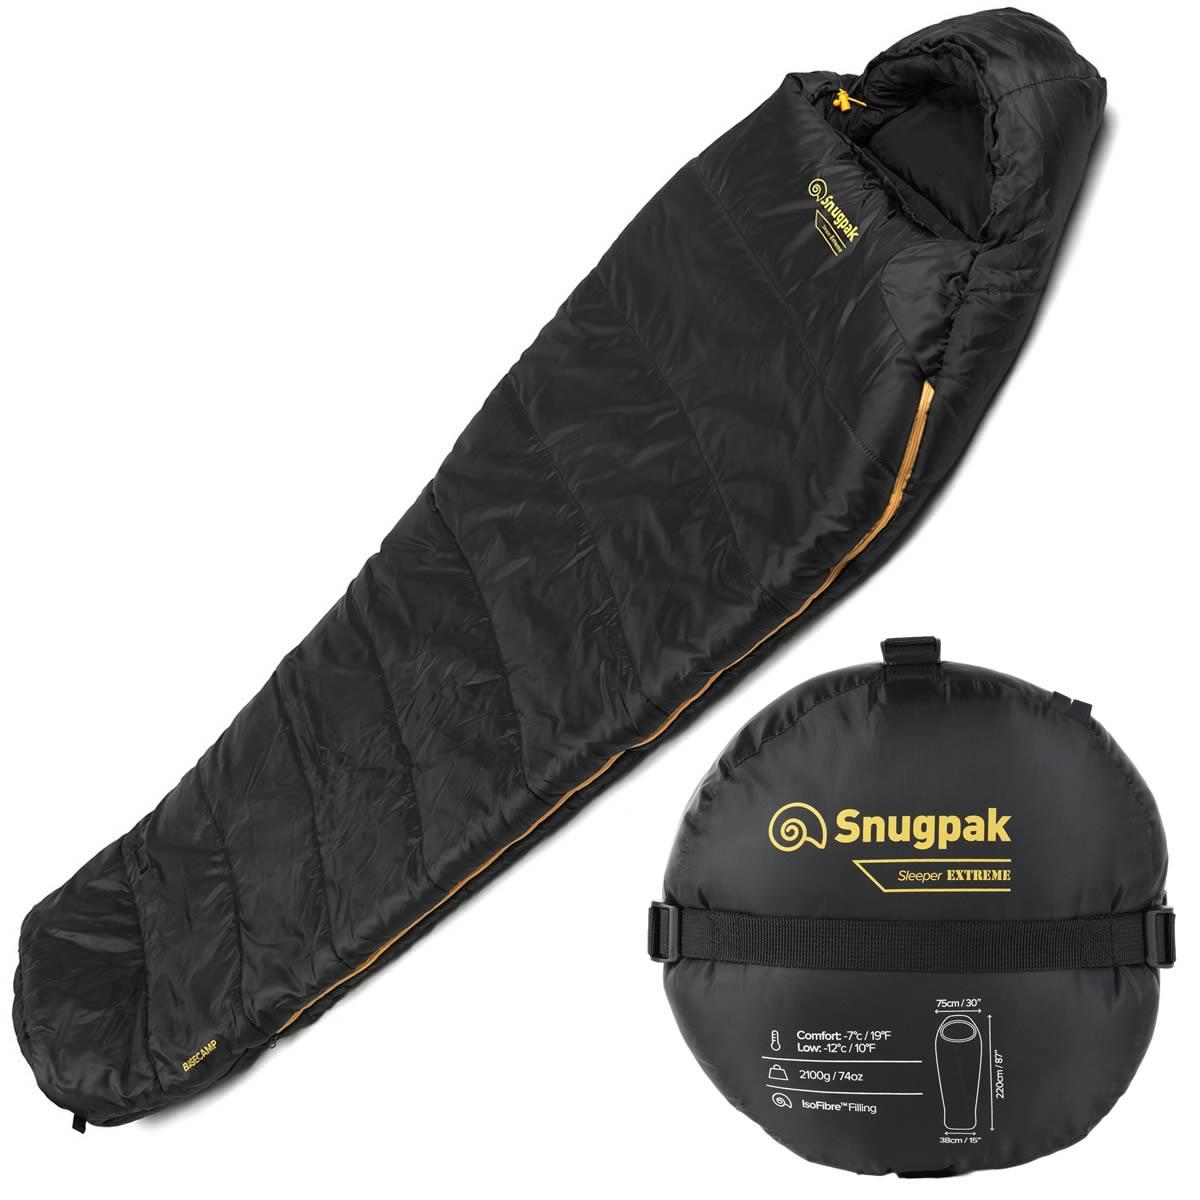 Snugpak Sleeper Extreme Basecamp Army Military Sleeping Bag